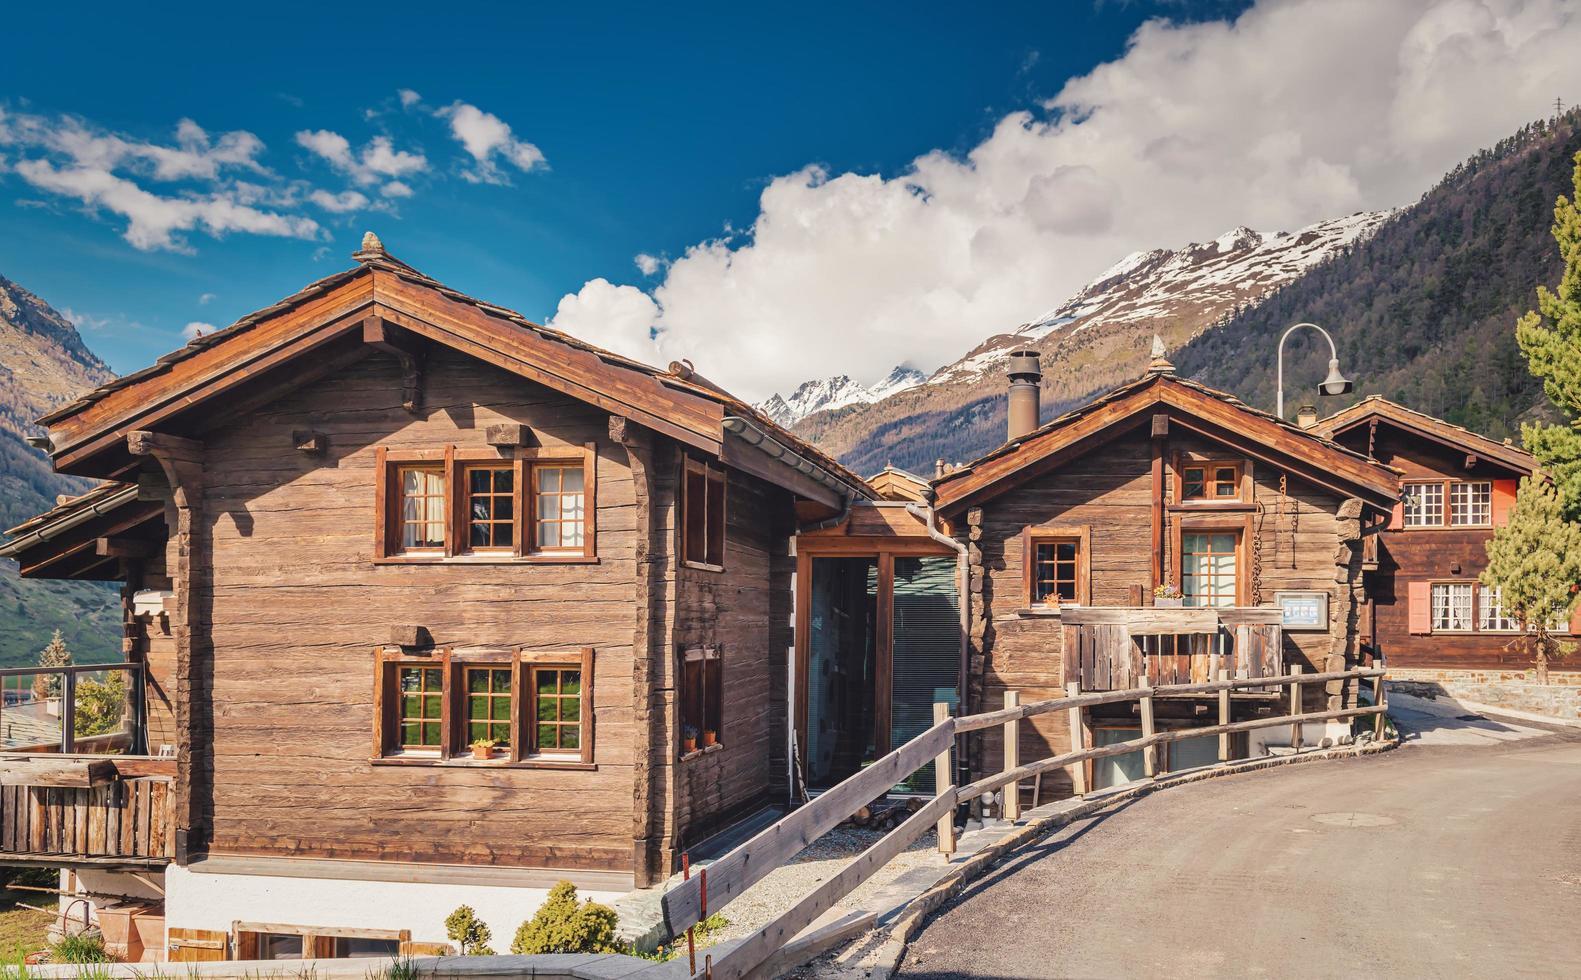 cabine con le montagne sullo sfondo. foto